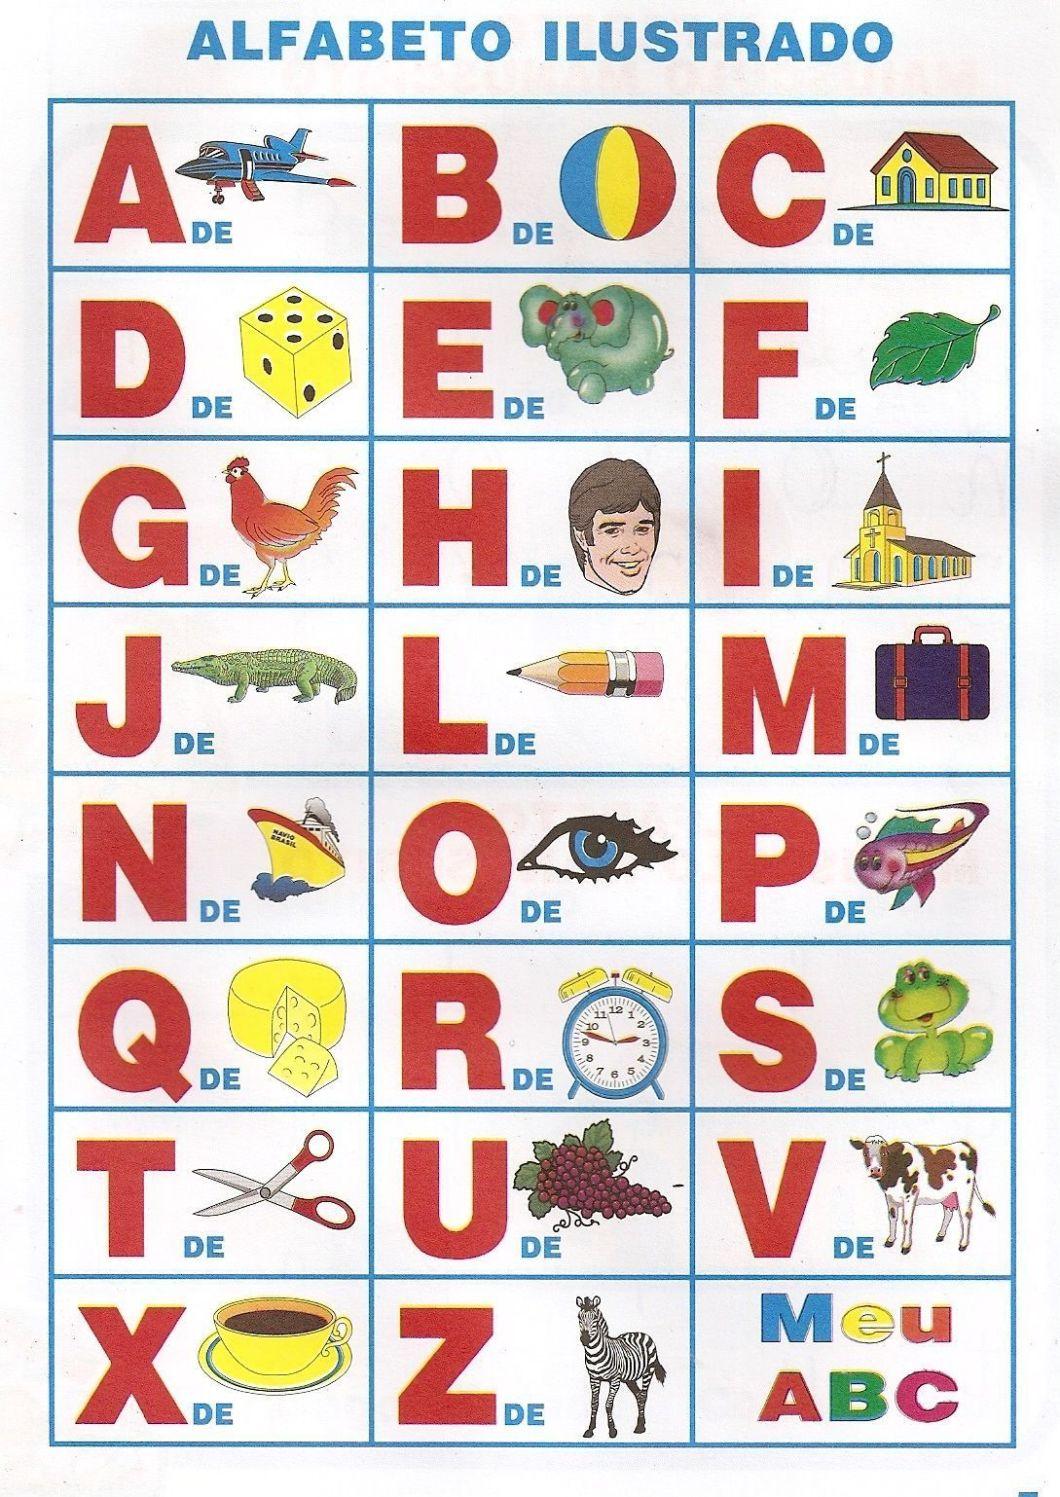 abecedario para imprimir educacao infantil